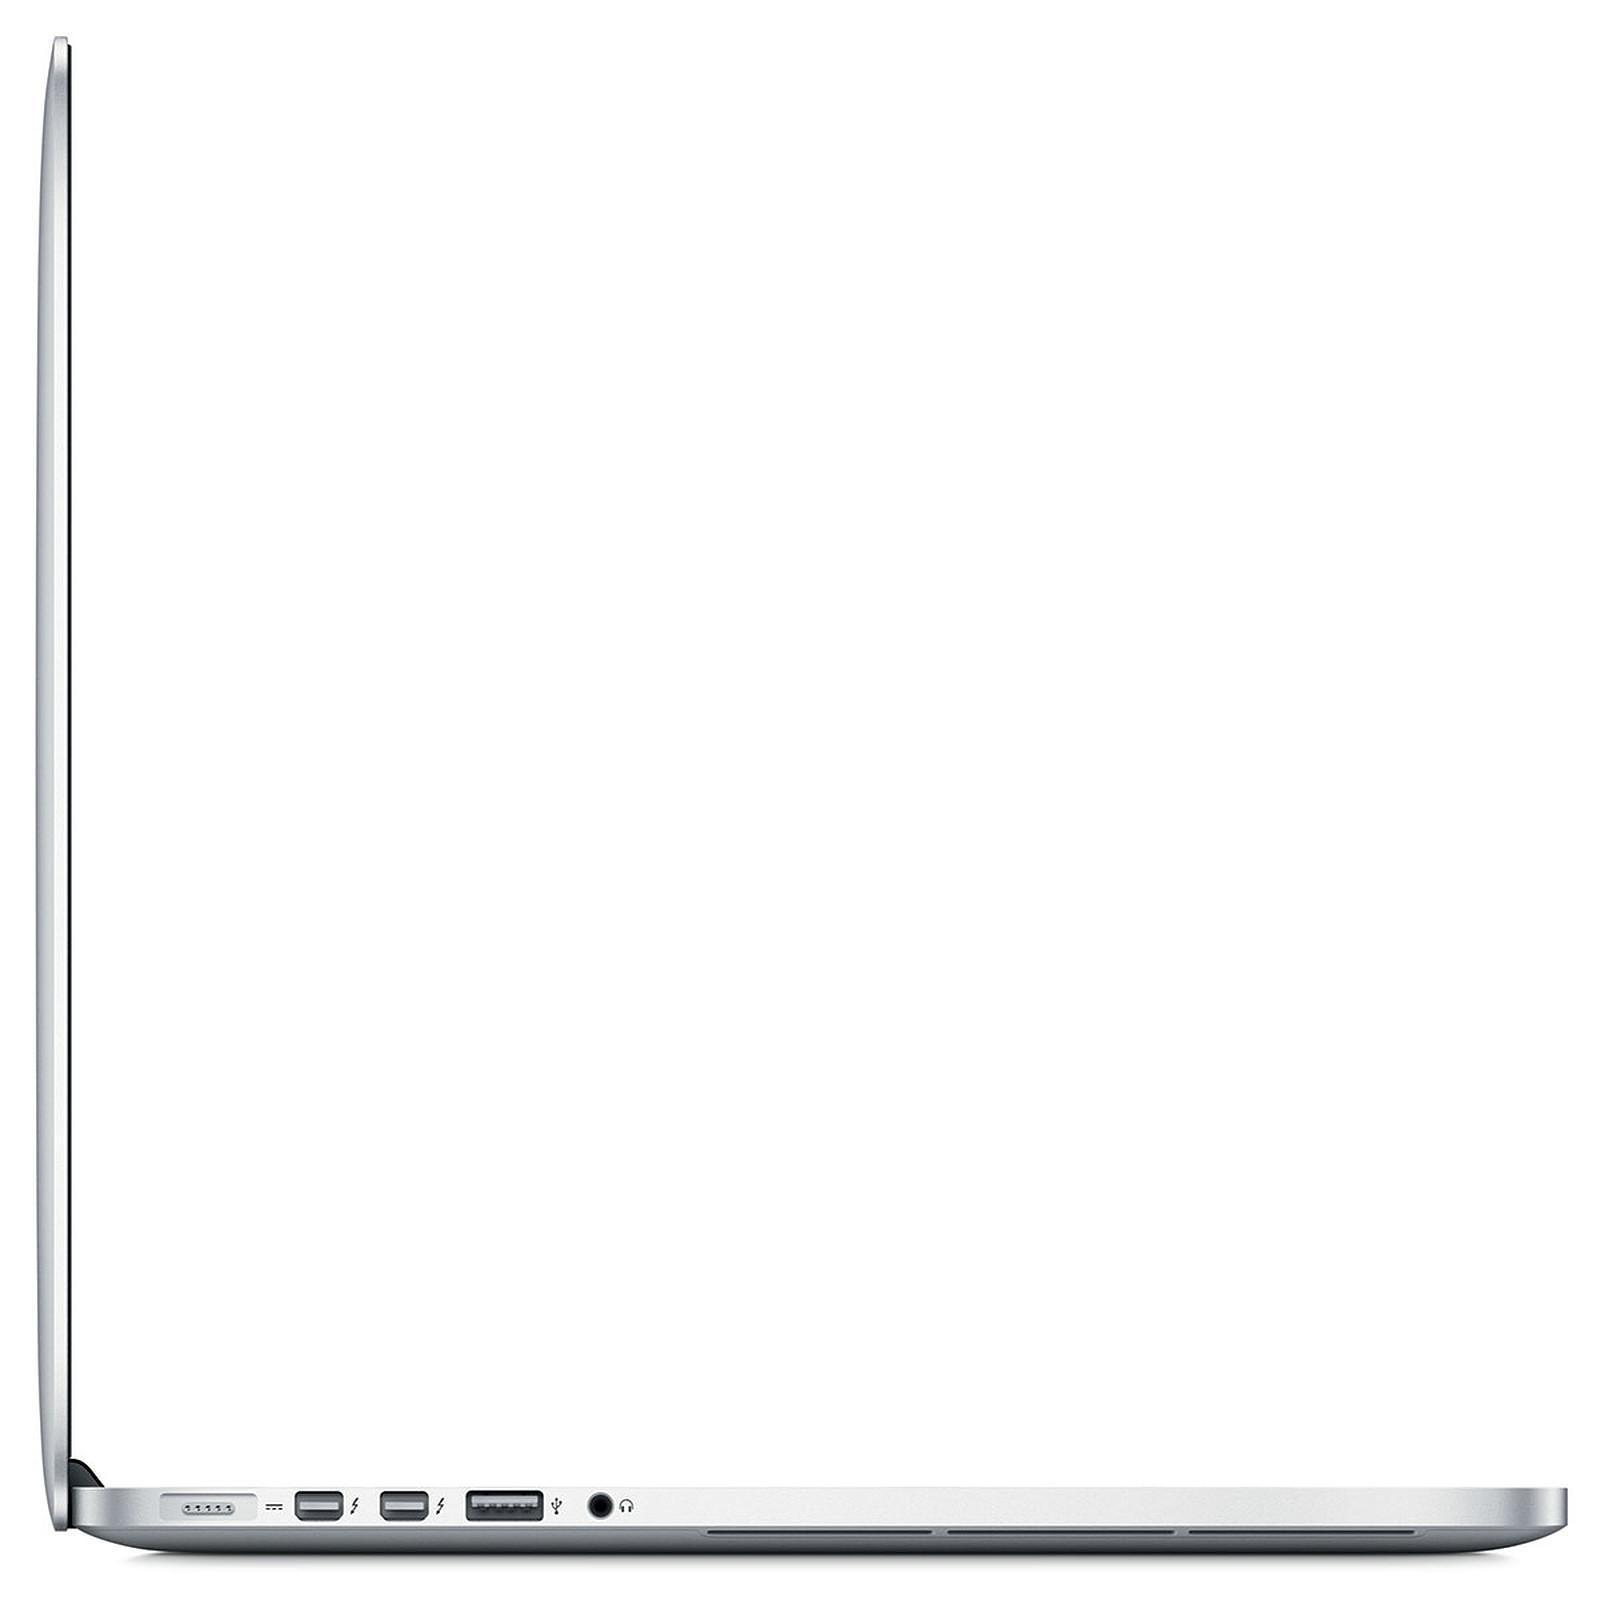 MacBook Pro Retina 15,4-tum (2014) - Core i7 - 16GB - SSD 128 GB QWERTY - Engelska (Storbritannien)